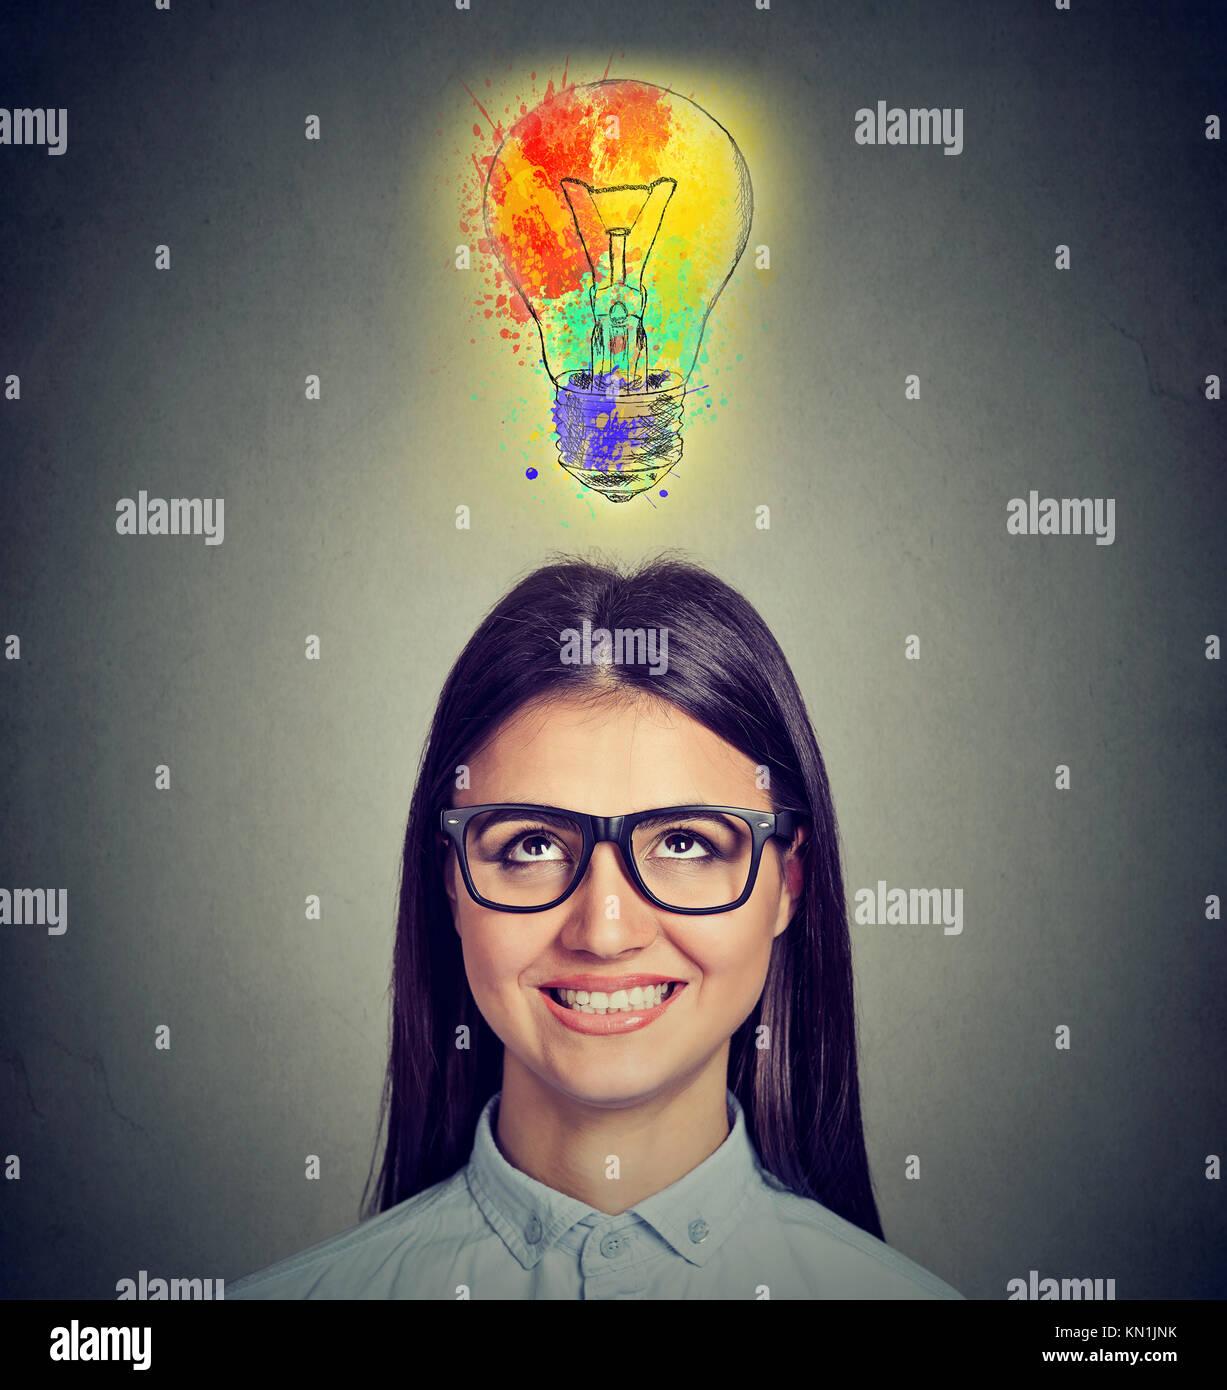 Retrato de una mujer con gafas y creativa idea mirando la bombilla de luz multicolor sobre fondo gris. Concepto Imagen De Stock